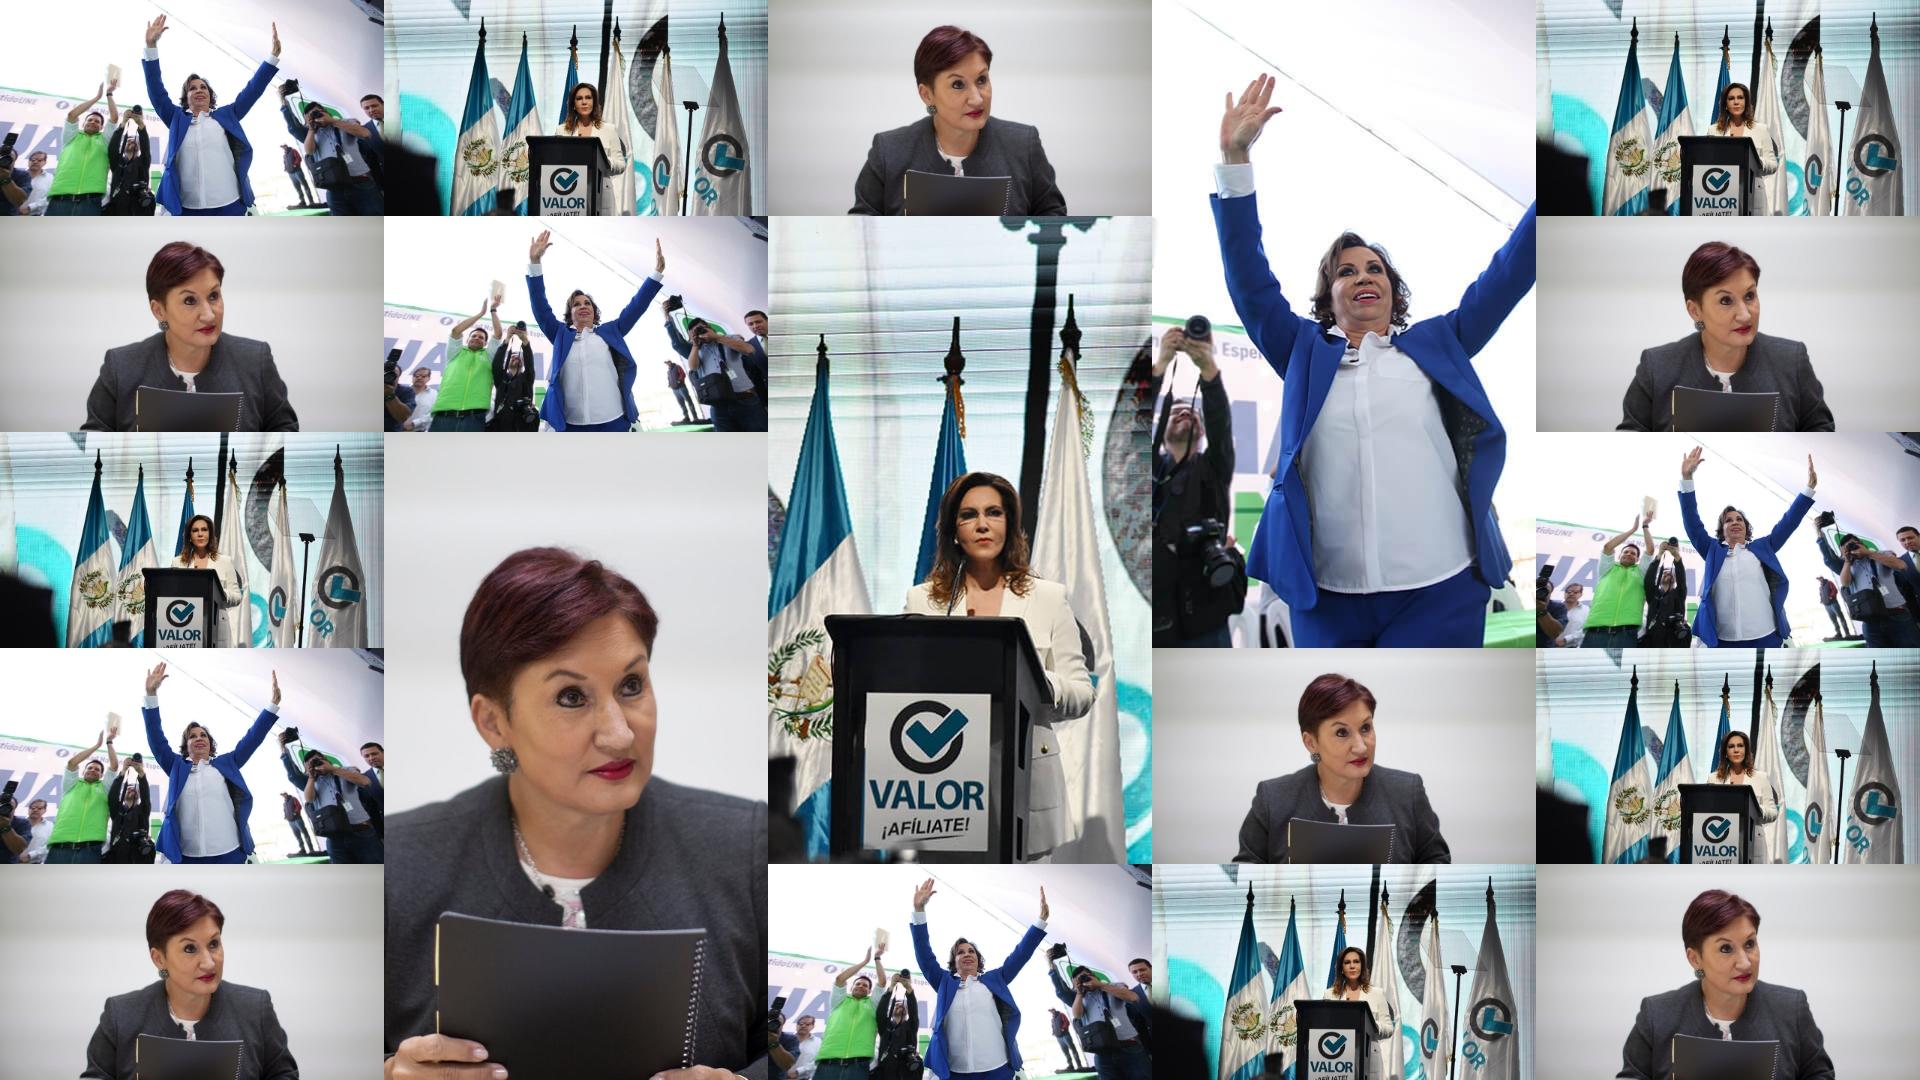 Una mujer quiere ser presidenta en Guatemala